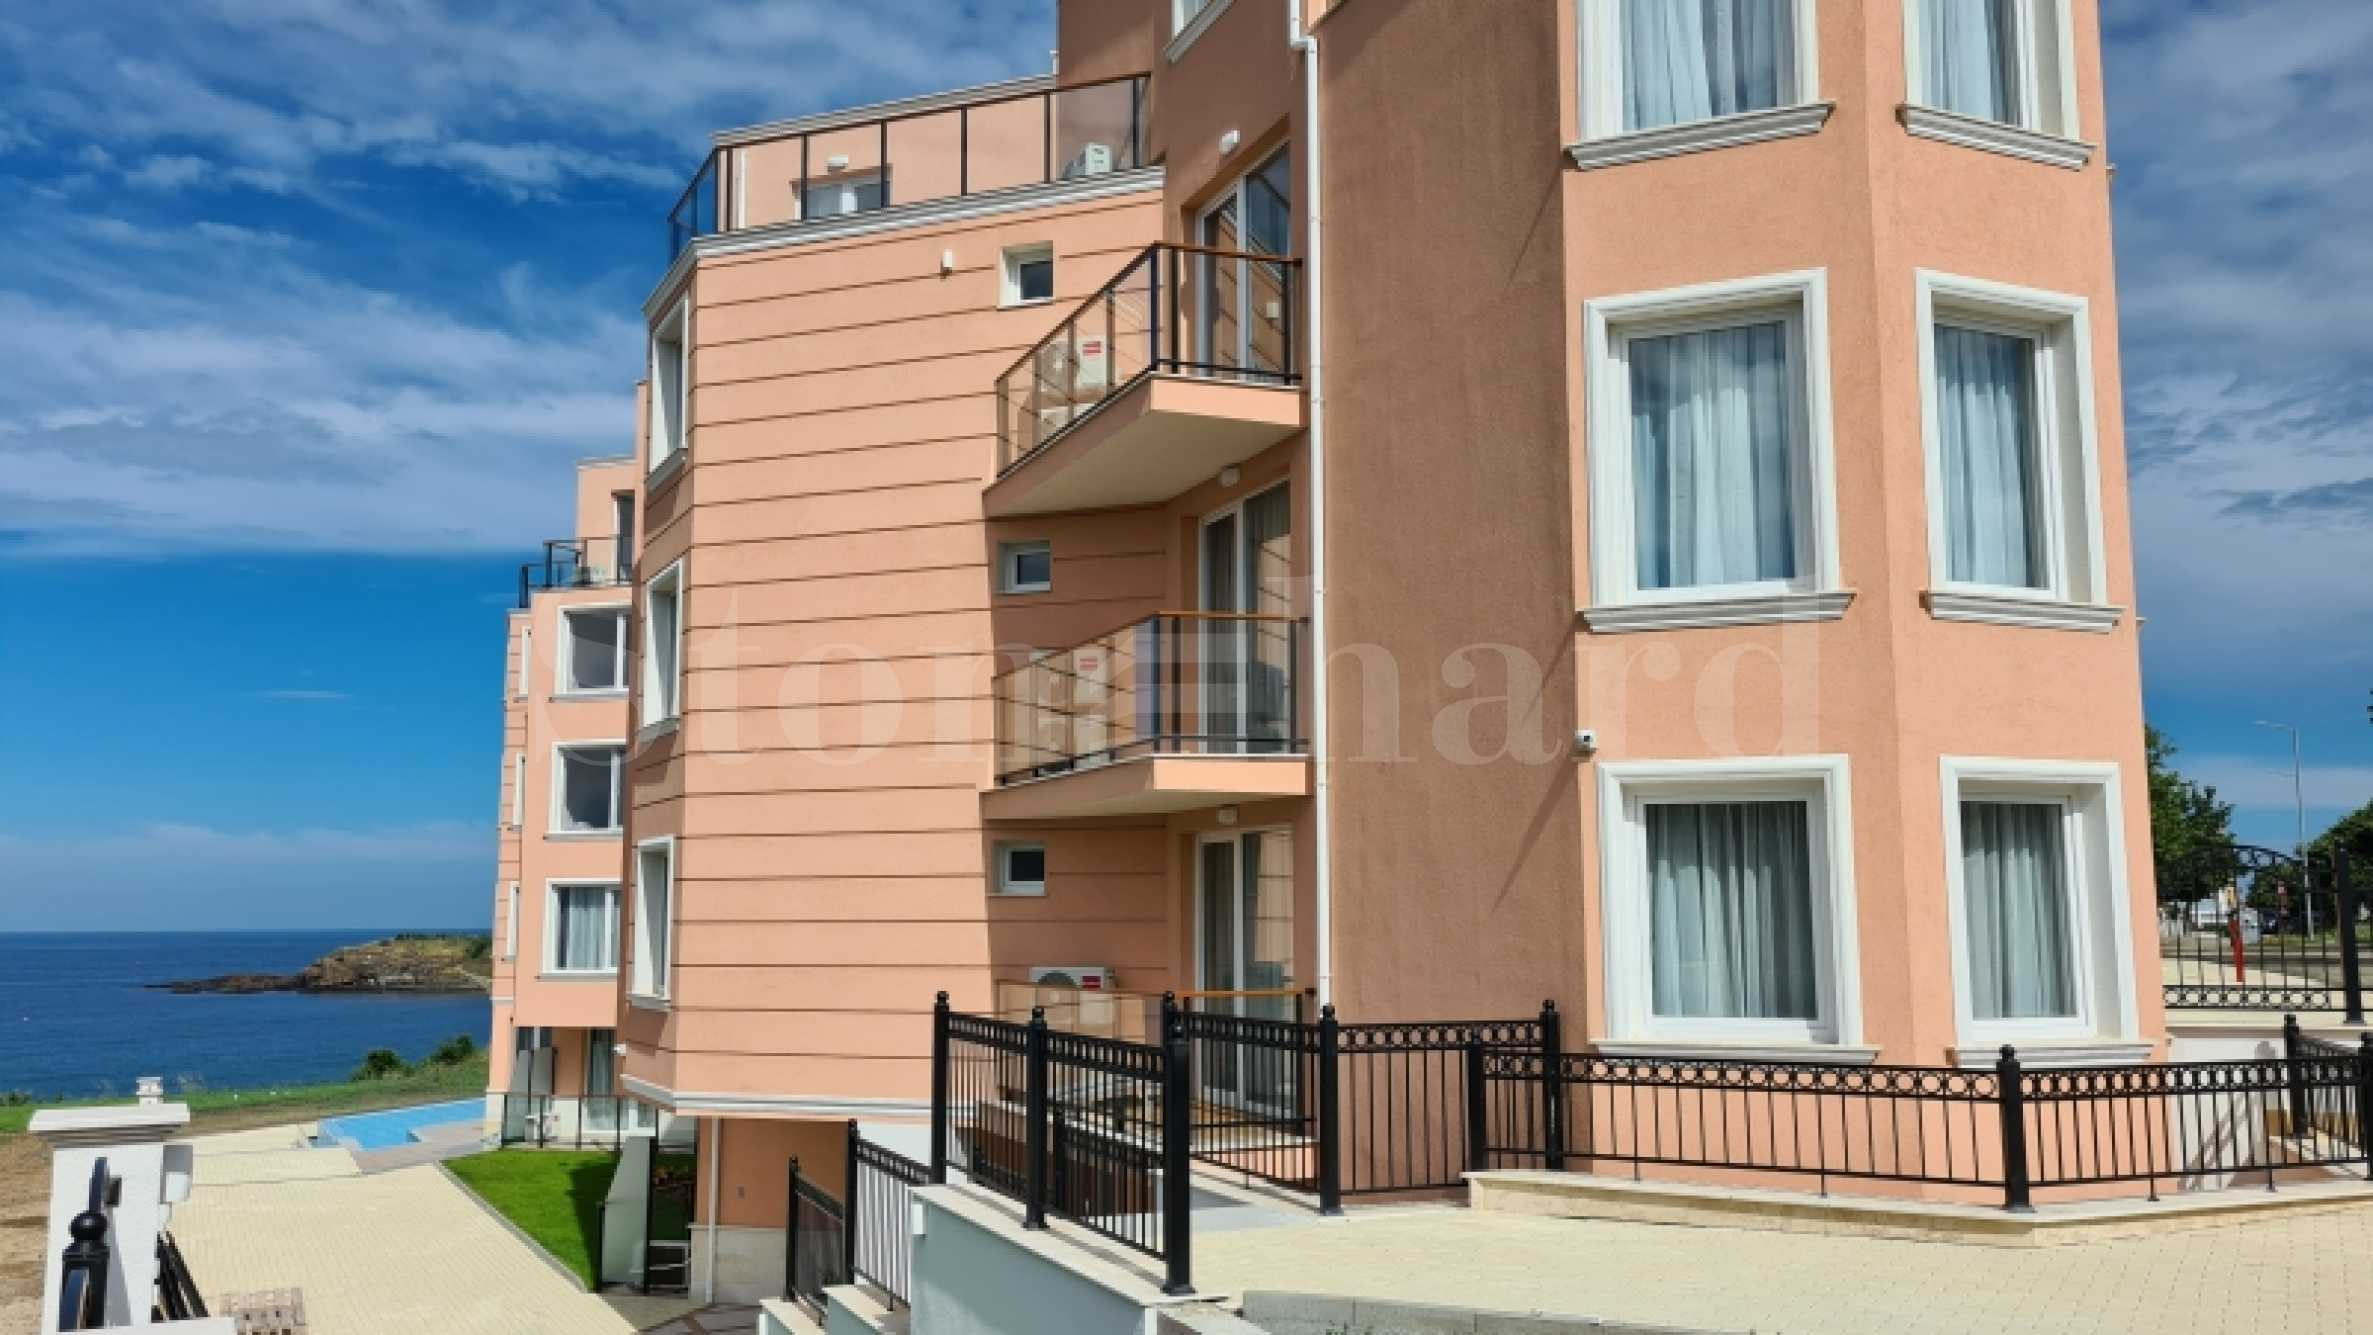 Бутикови апартаменти на брега на морето в Ахтопол2 - Stonehard